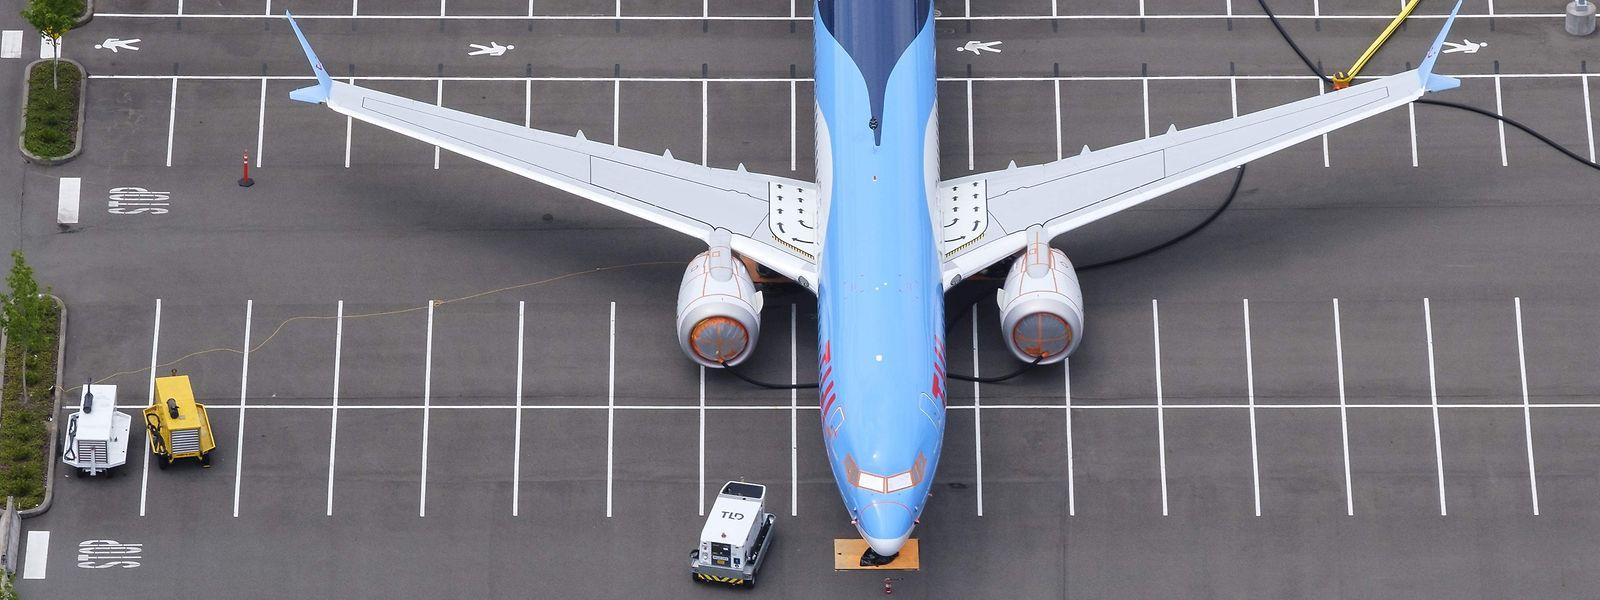 Verschiedene Fluggesellschaften parkten ihre Boeing 737 MAX sogar auf den Stellplätzen der Belegschaft.